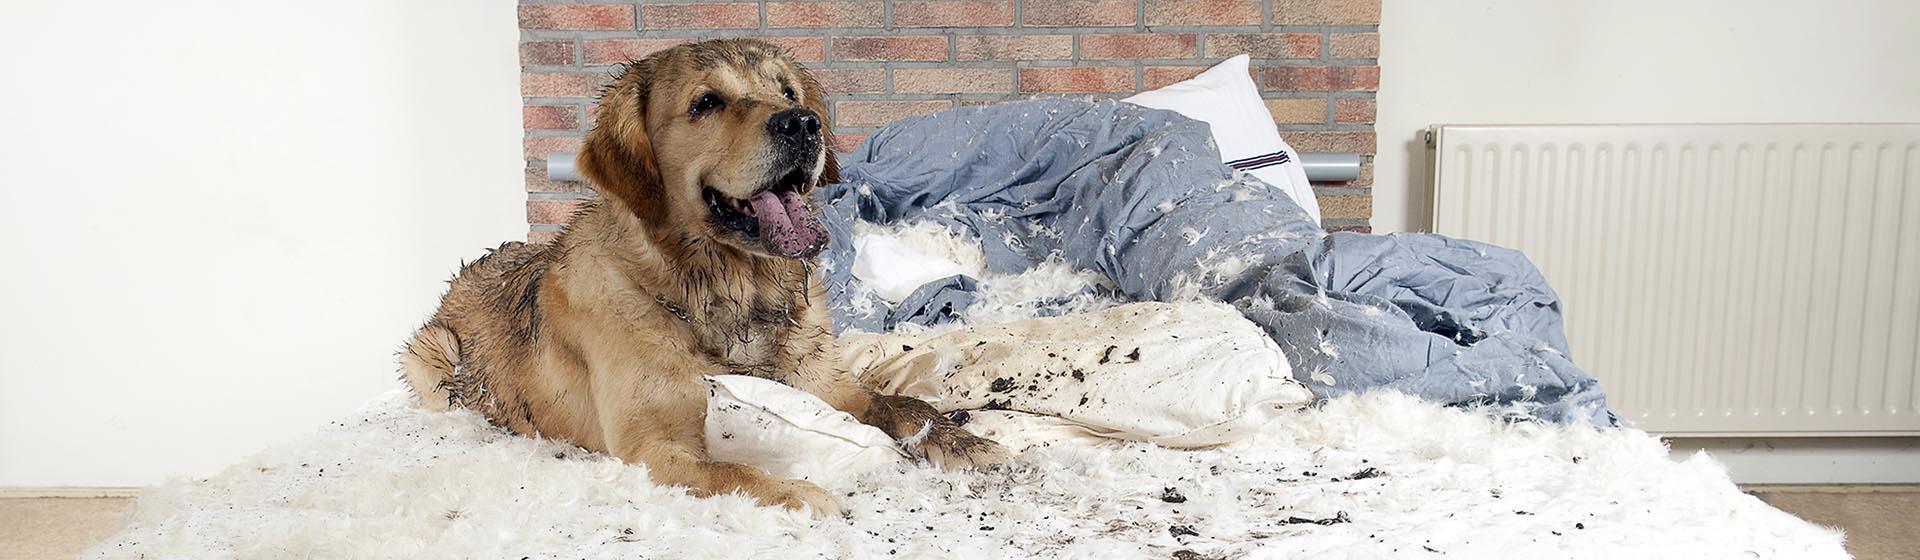 Hond bijt man: wat is verzekerd?